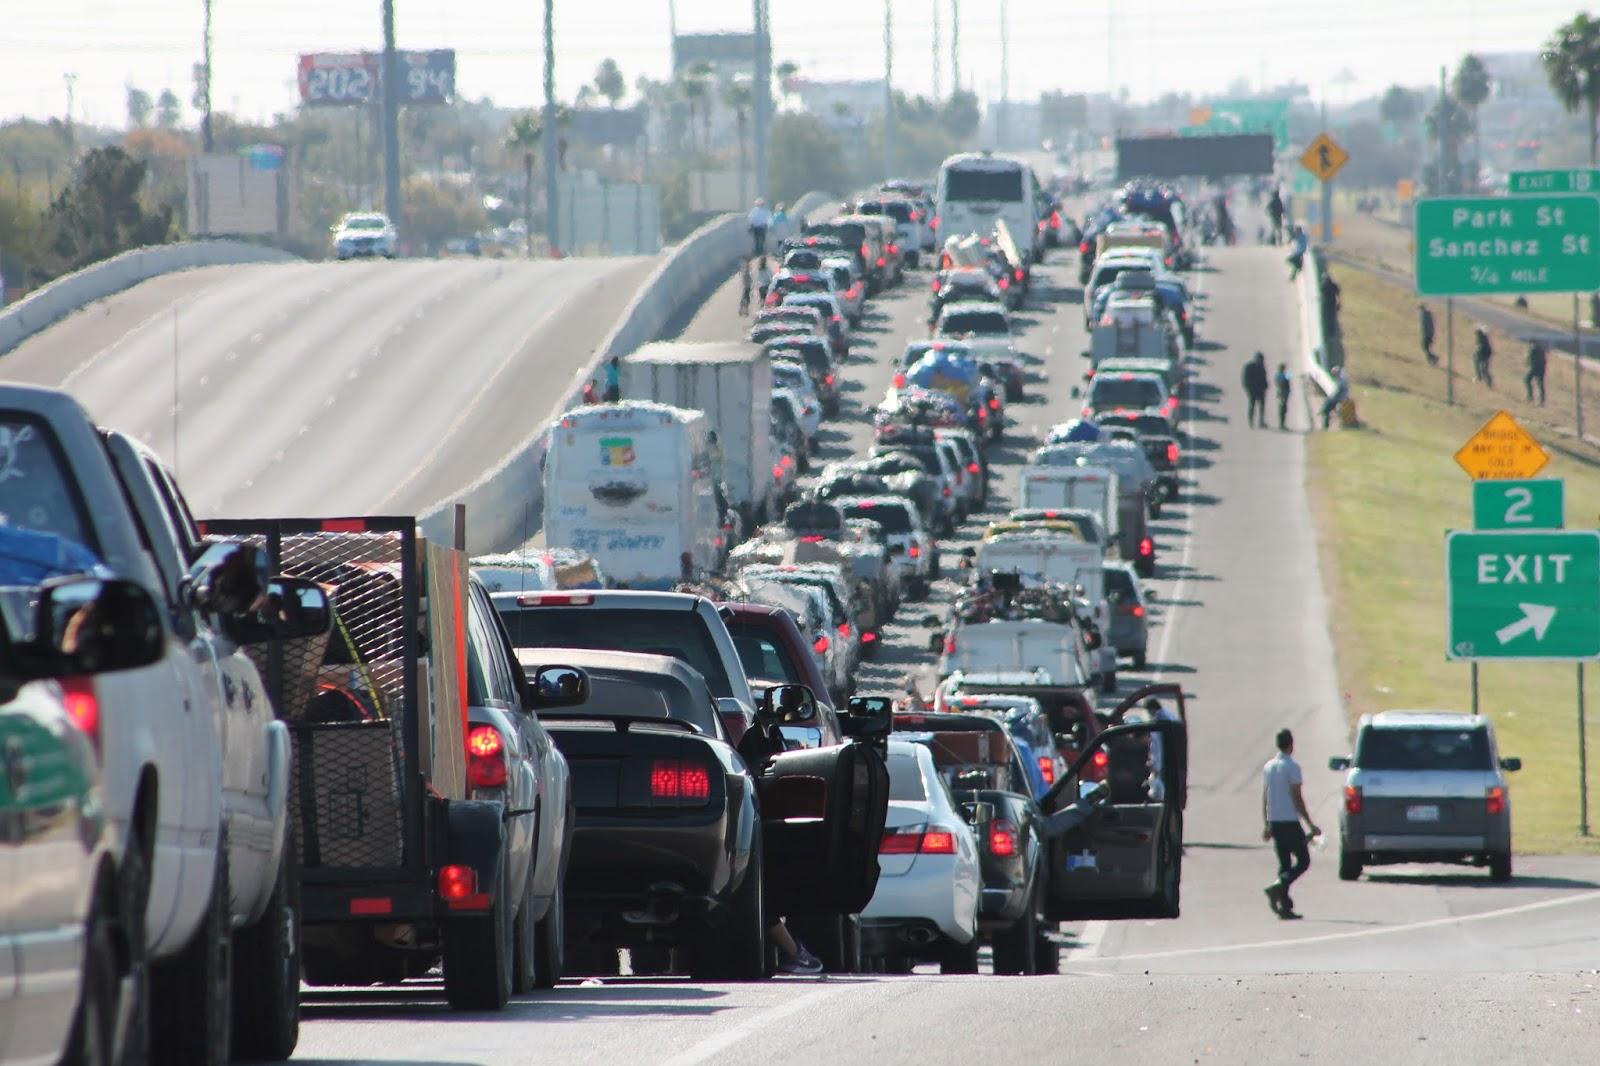 Crimen organizado se infiltra en aduanas de Tamaulipas y cobran cuotas de 300 dlls.